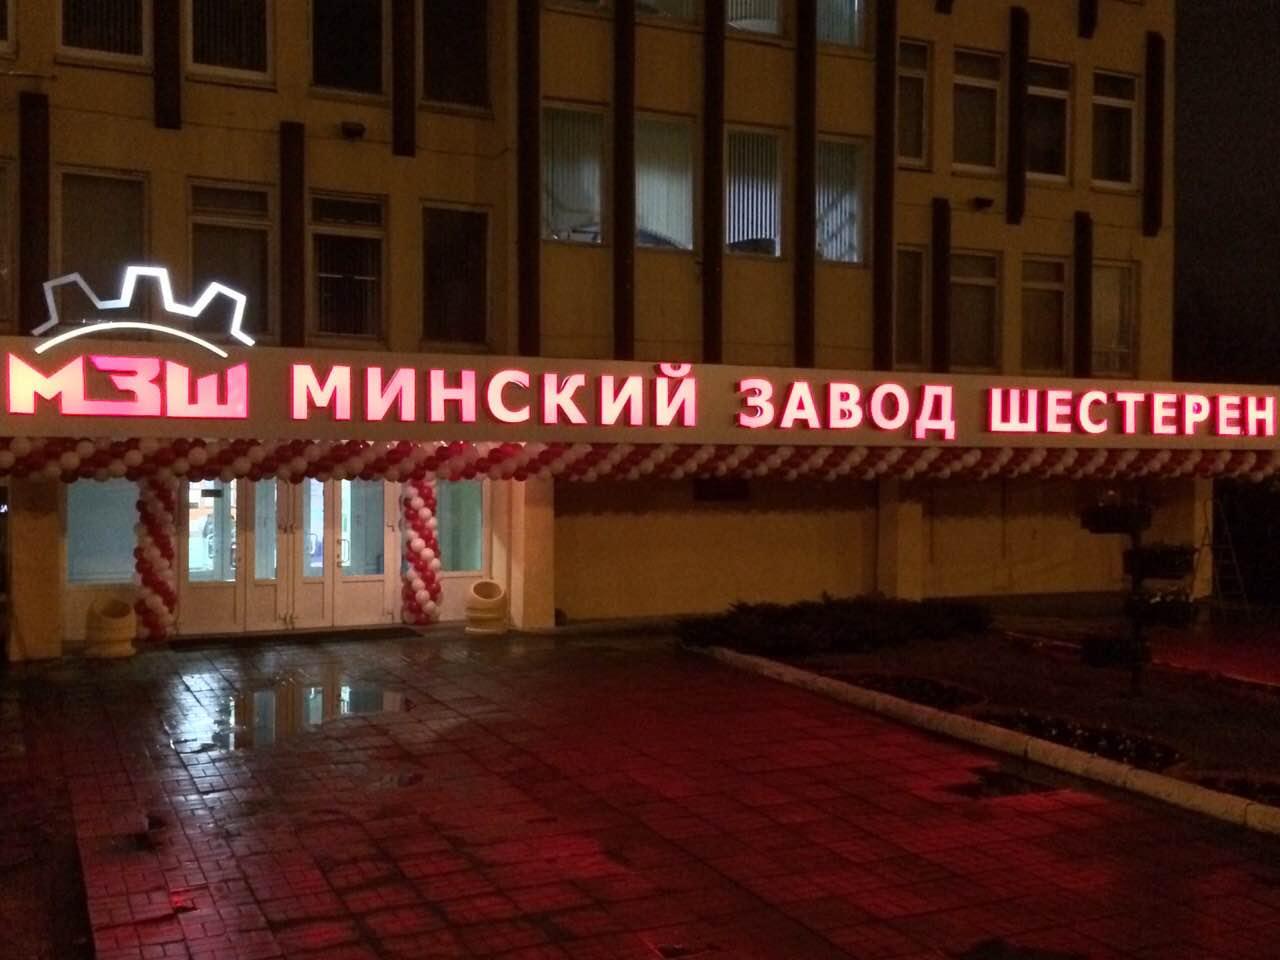 Оформление Минского завода шестерен - shargel.by